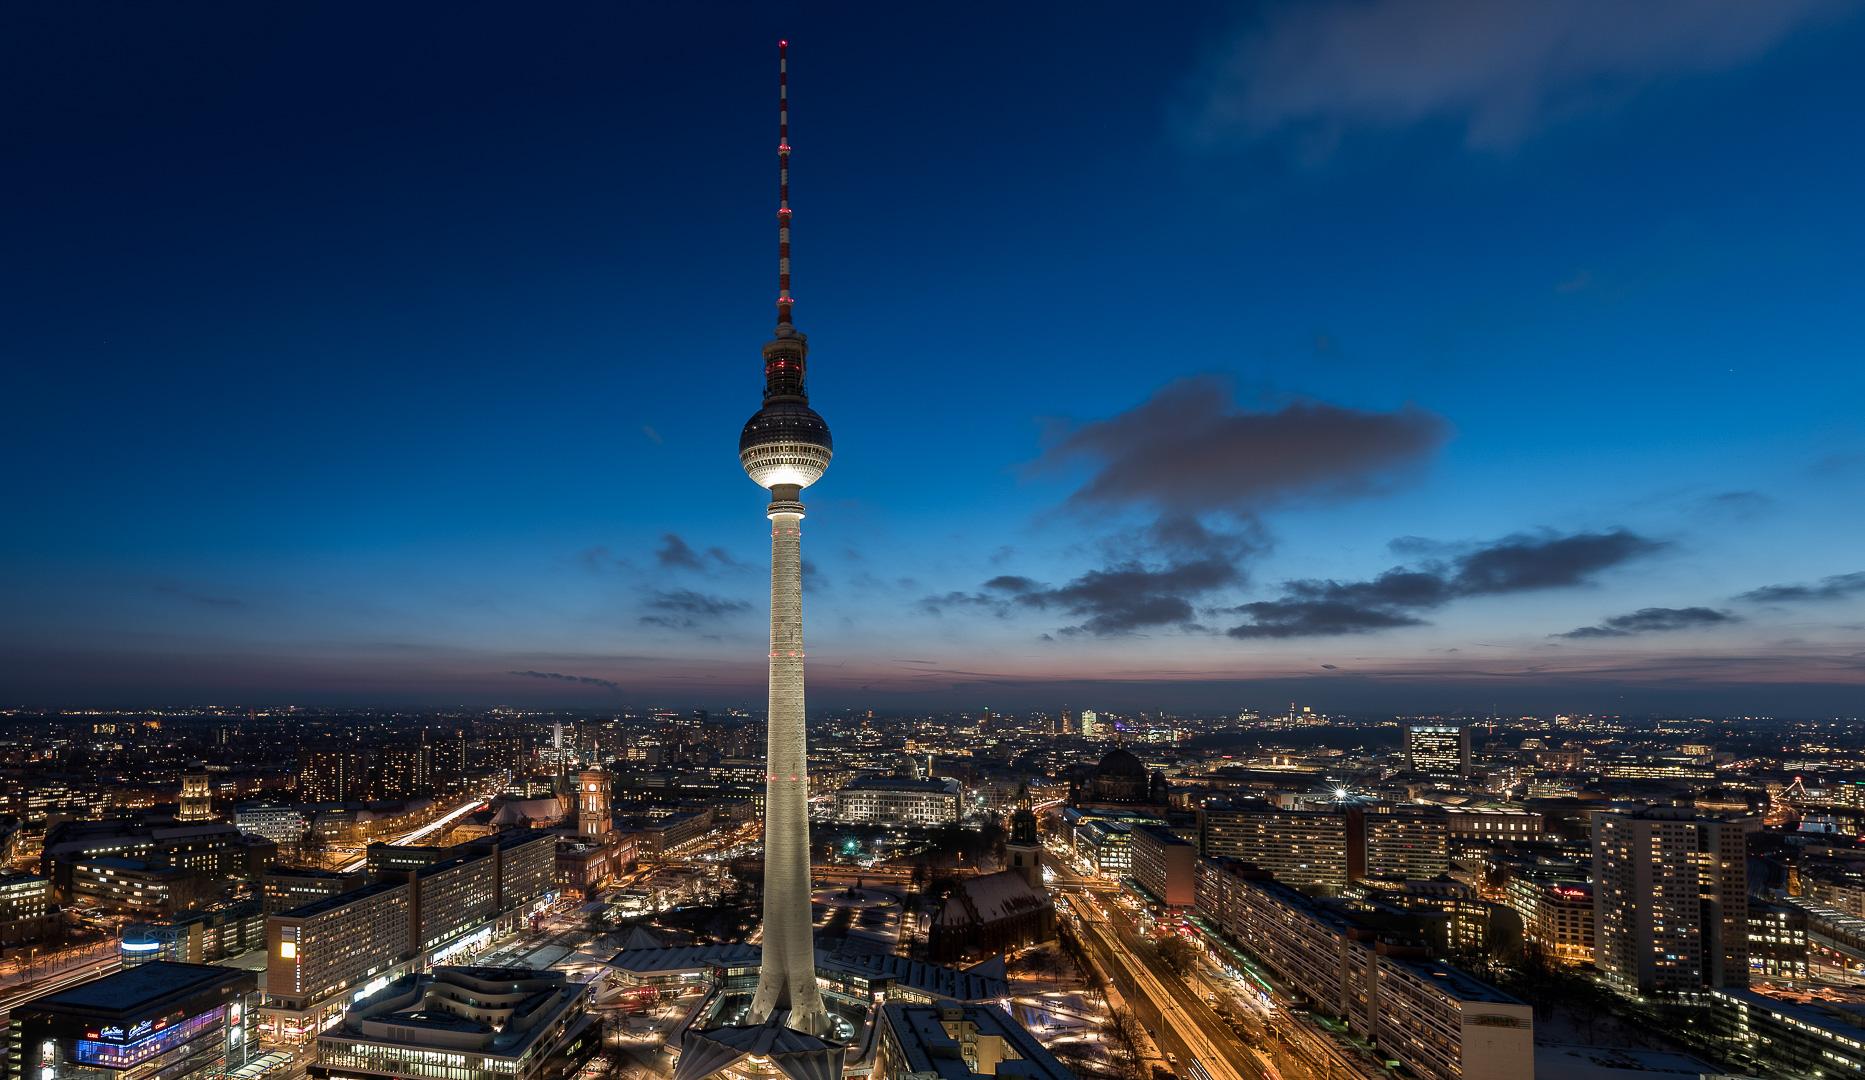 Panorama von der Dachterrasse nach Sonnenuntergang: Berlin, Alexanderplatz, Fernsehturm